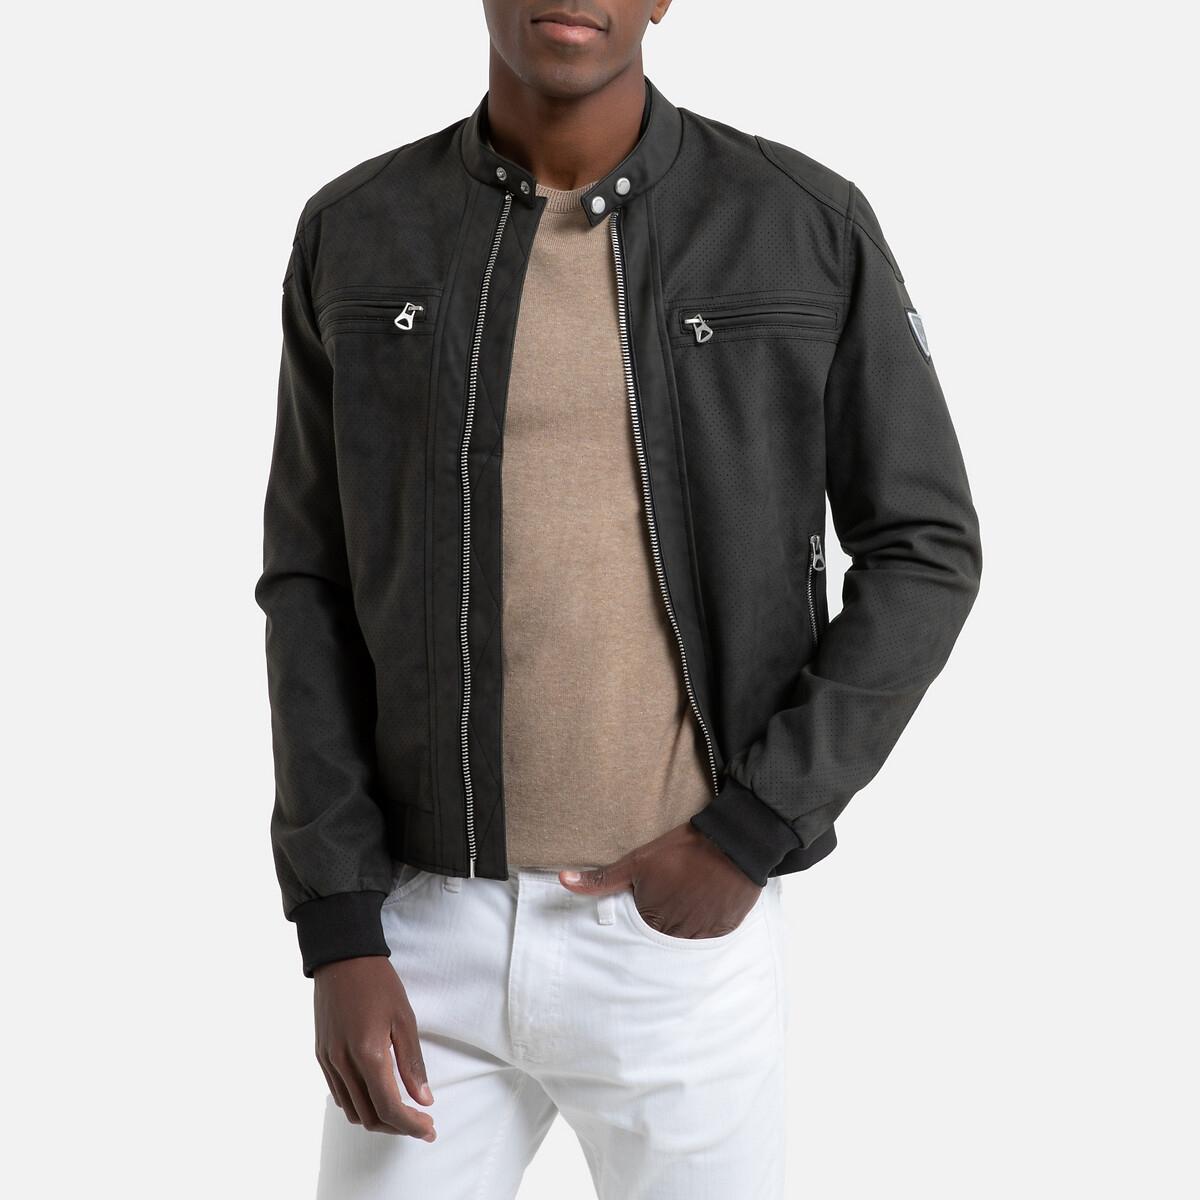 Блузон La Redoute В байкерском стиле из искусственной кожи Riko M черный свитшот la redoute с логотипом в винтажном стиле la redoute m белый